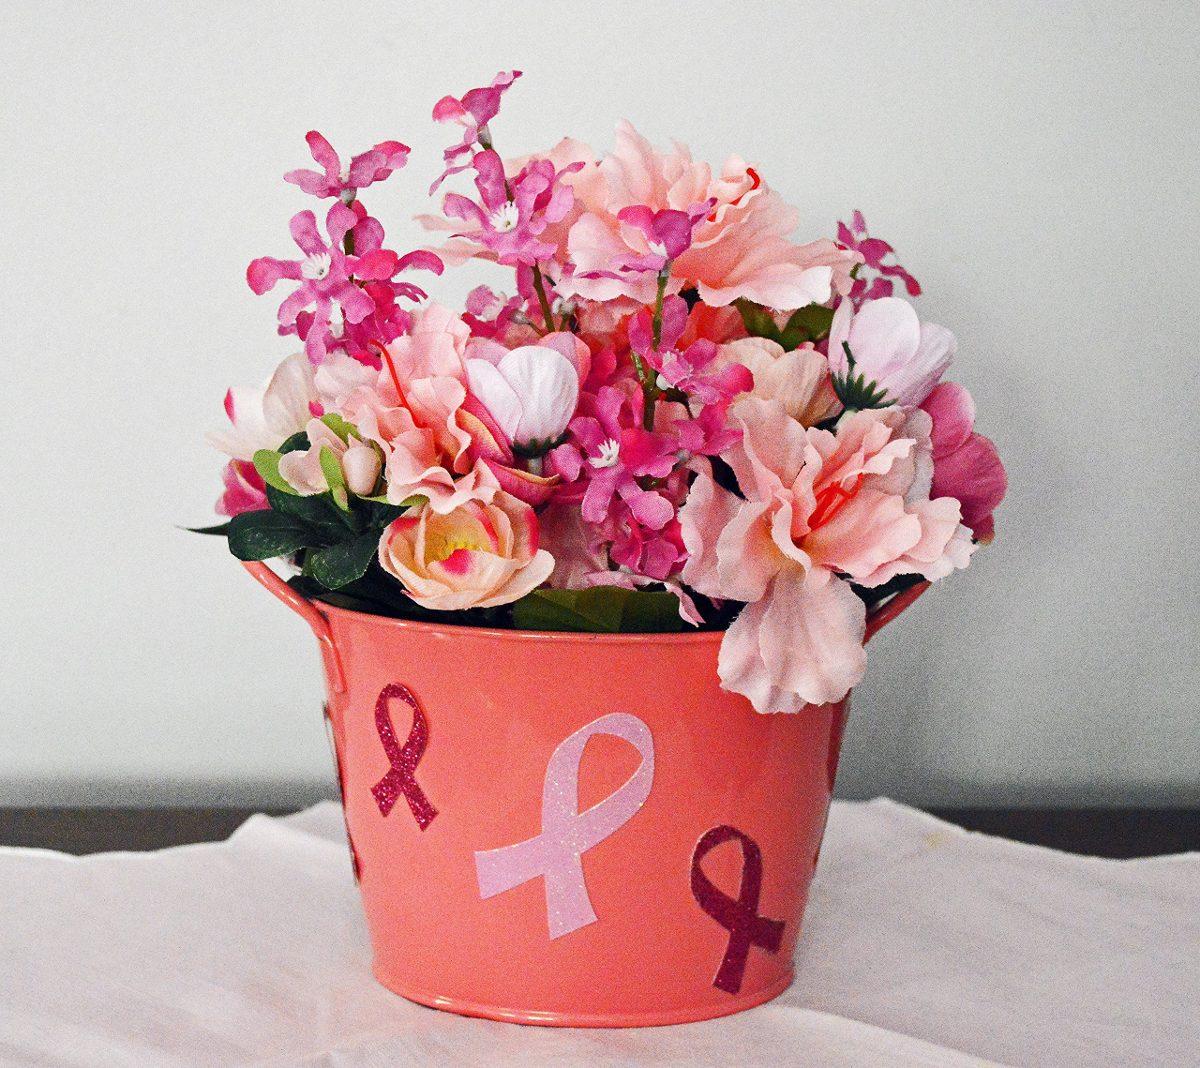 Regalo De Cáncer De Mama Arreglo Floral Decoración De La Me